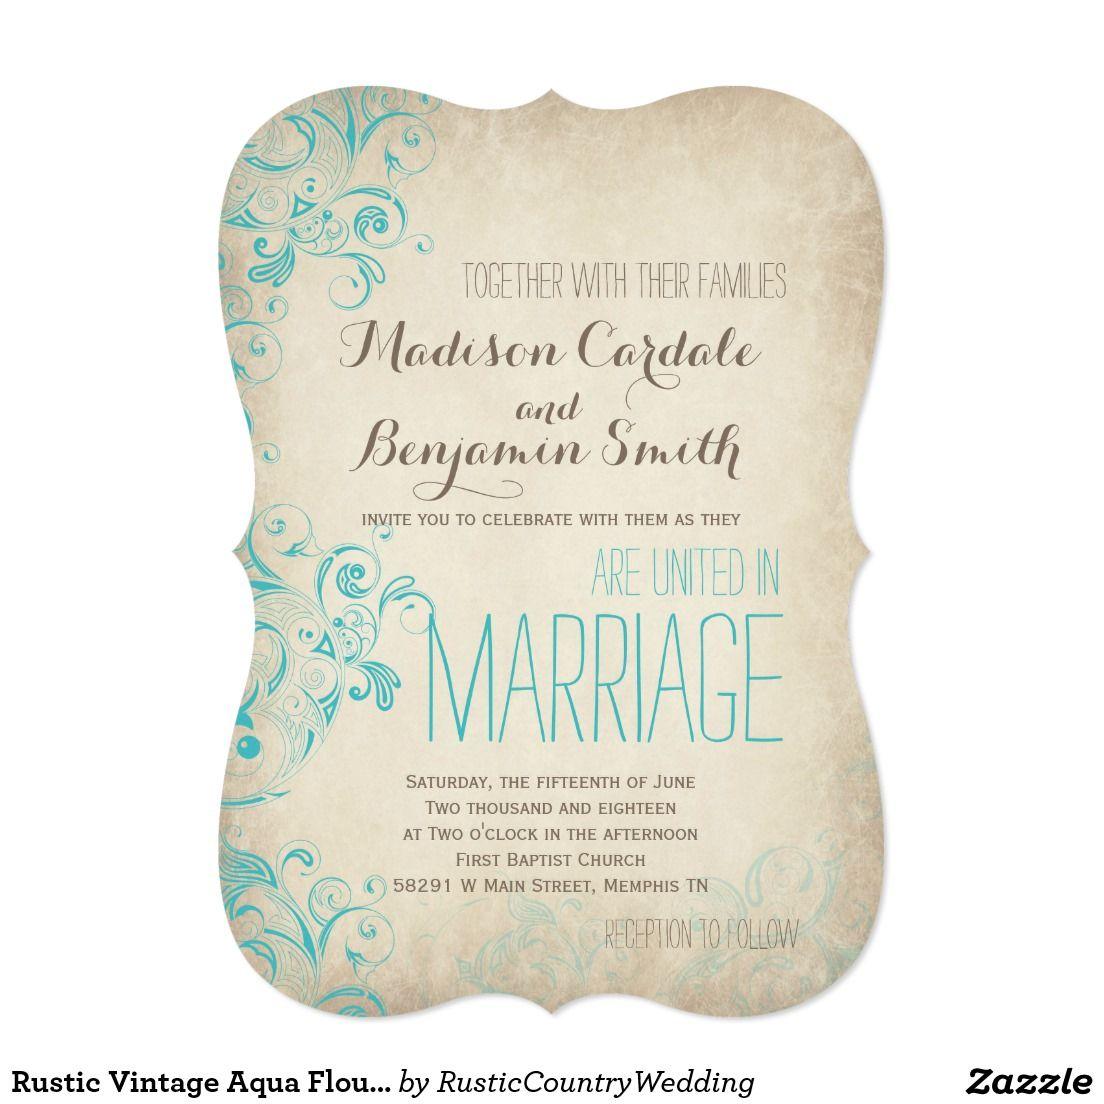 Rustic Vintage Aqua Flourish Wedding Invitations | Rustic, Vintage ...